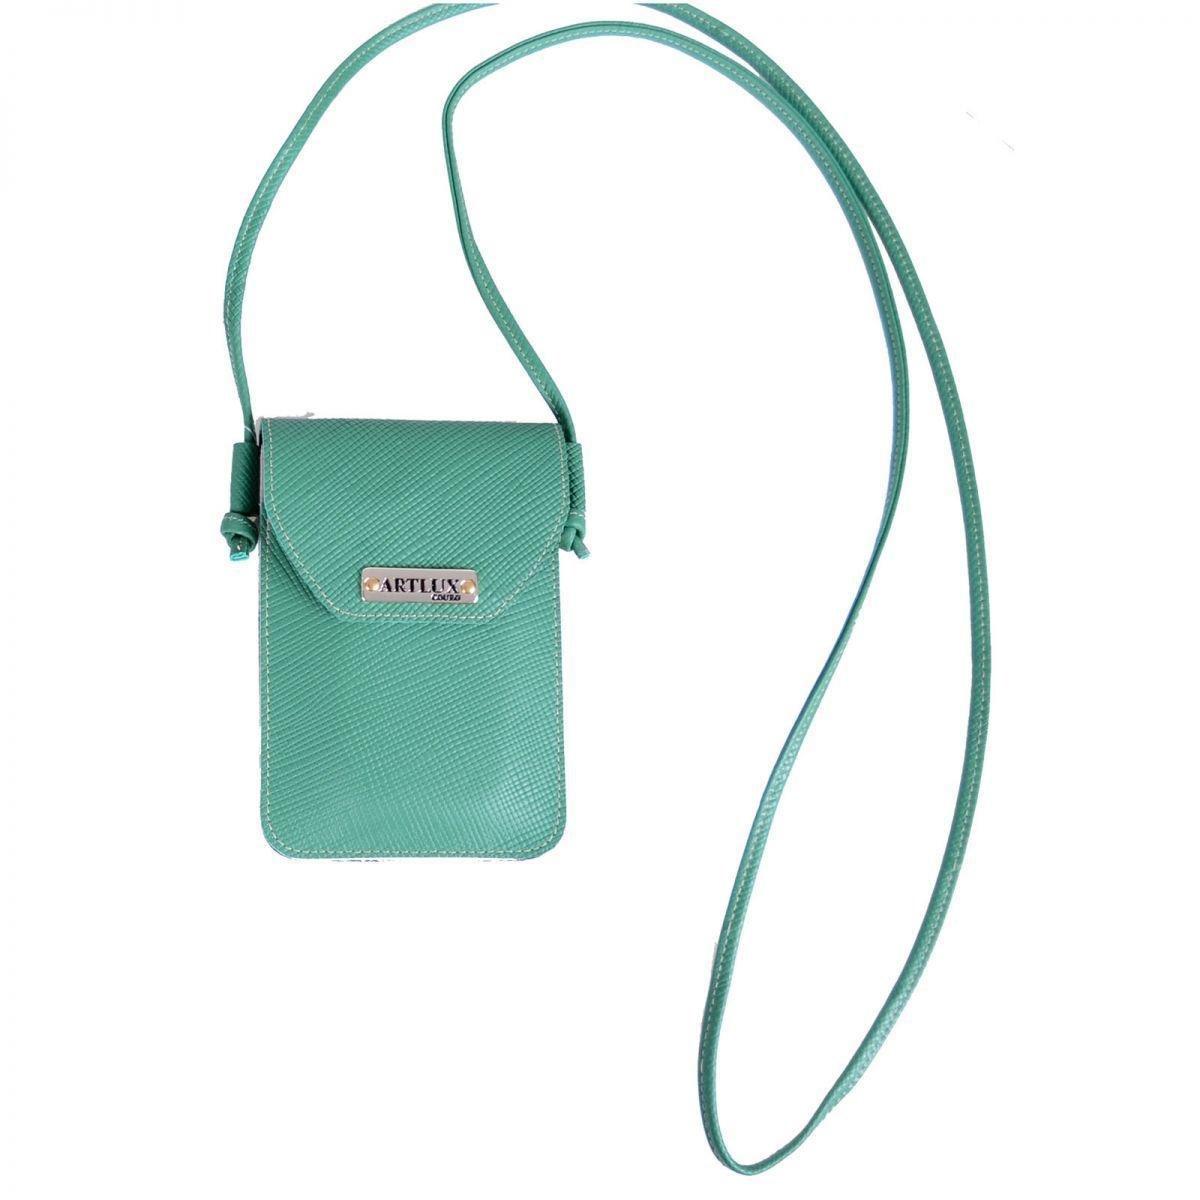 56232164bd Mini Bolsa Artlux Transversal de Couro - Compre Agora